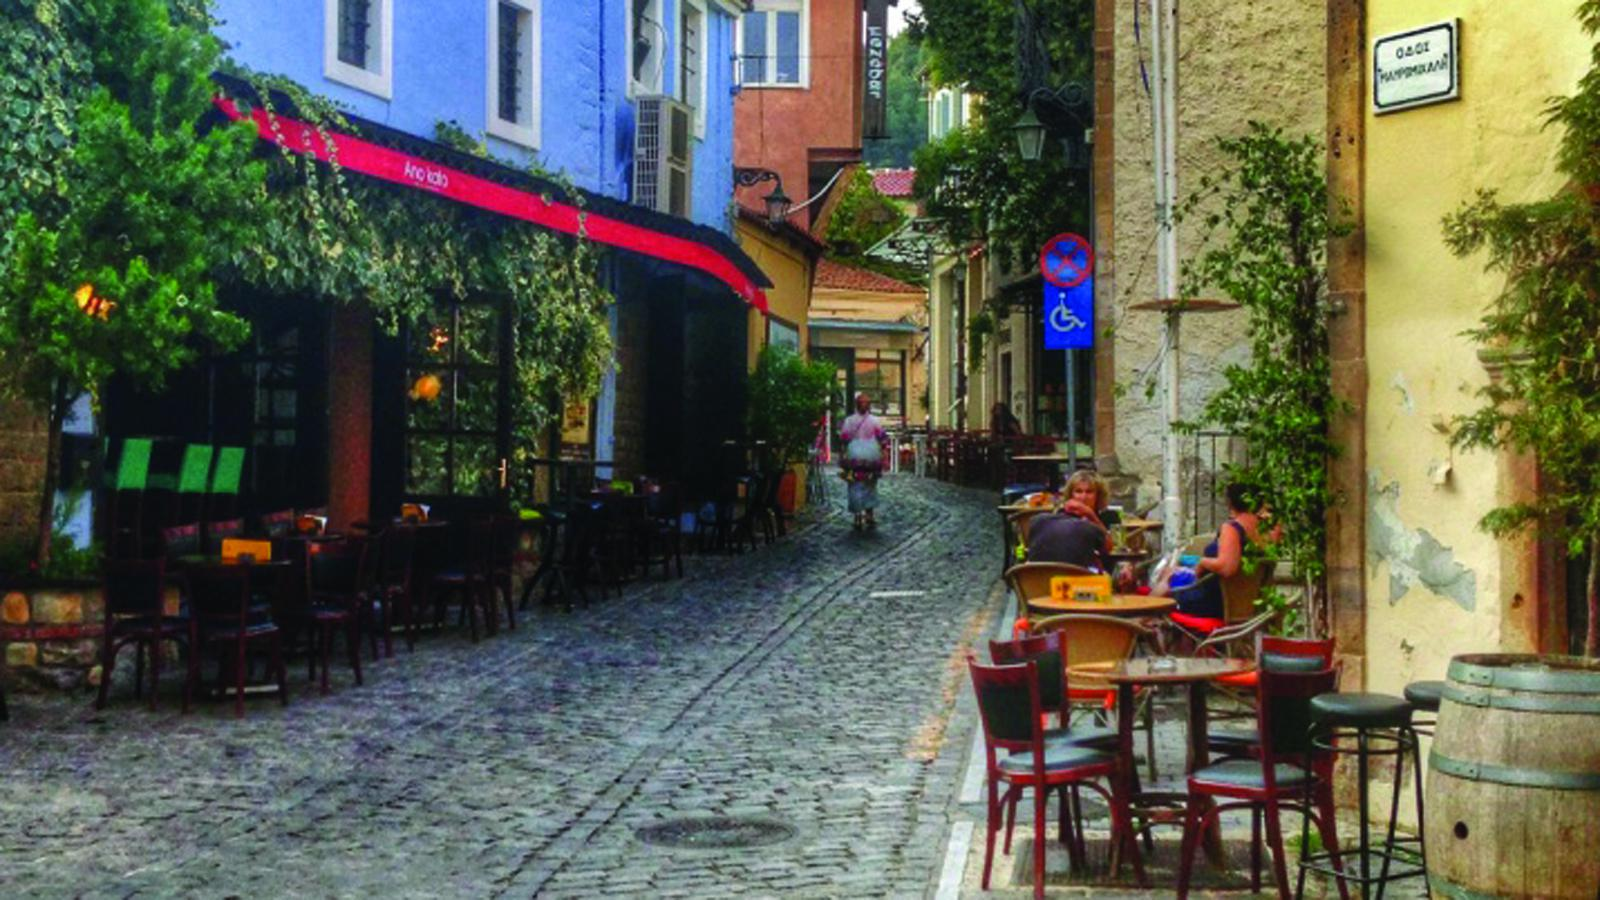 Ονειρική βόλτα στην Παλιά Πόλη